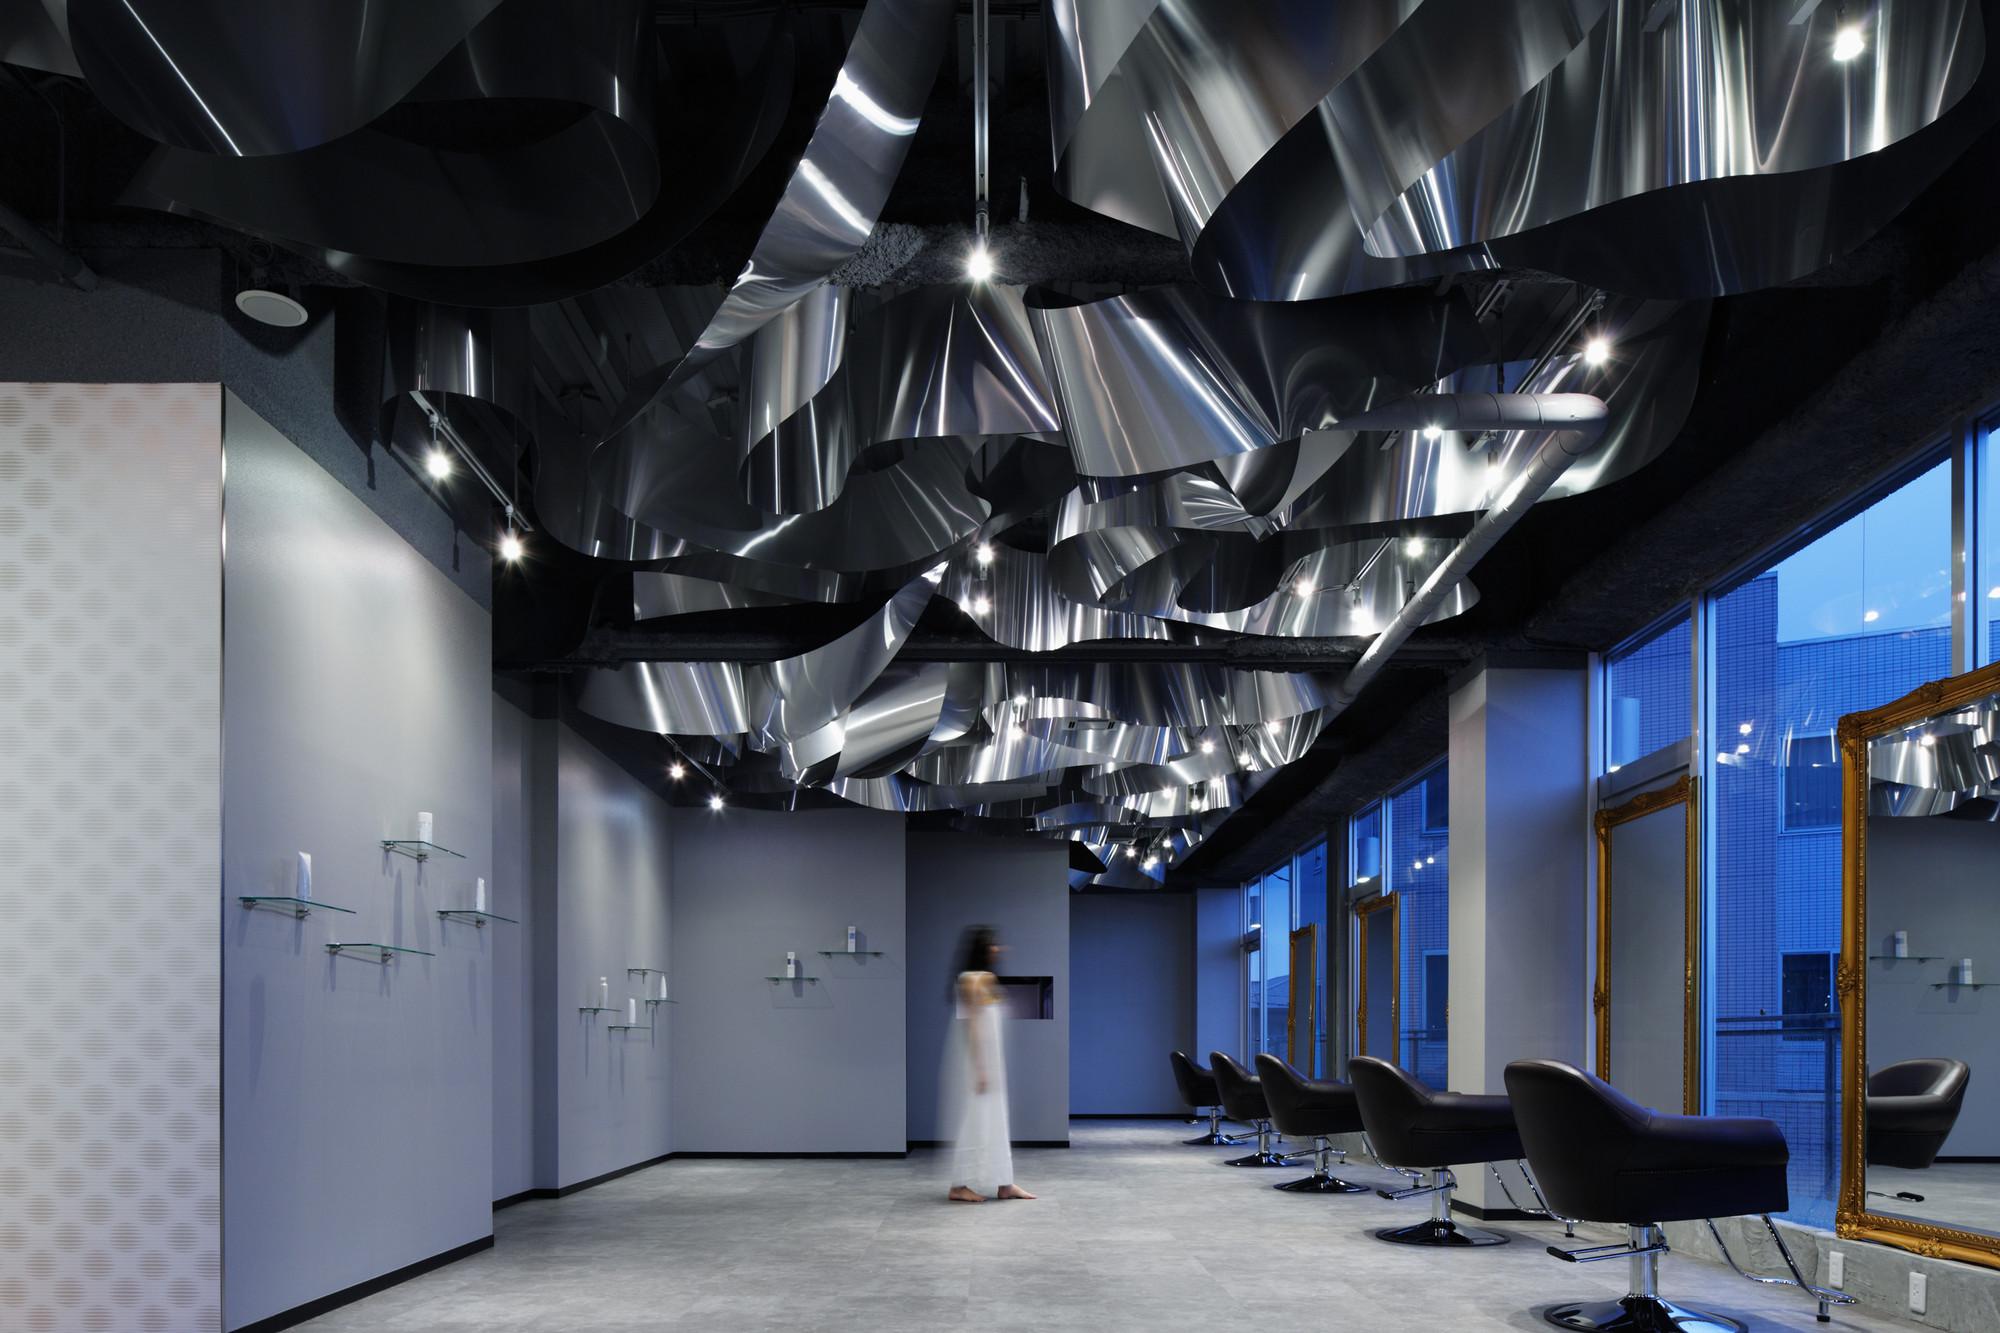 ARKHE Beauty Salon / Moriyuki Ochiai Architects, © Atsushi Ishida